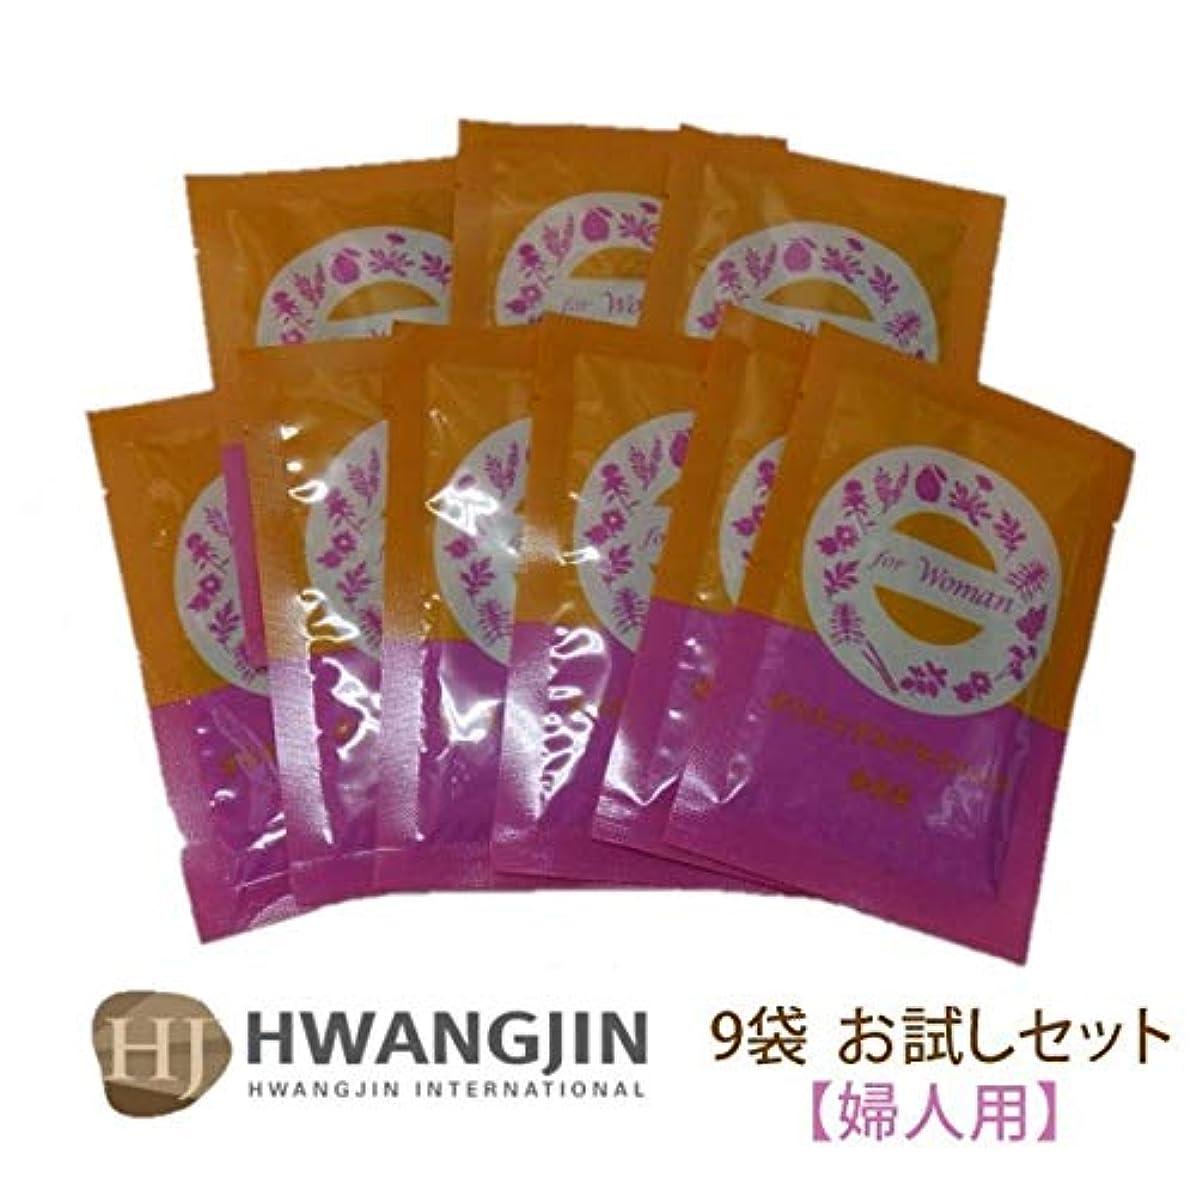 育成囲まれた余暇ファンジン黄土 座浴剤 9袋 正規品 (Woman (女性用) 9袋)